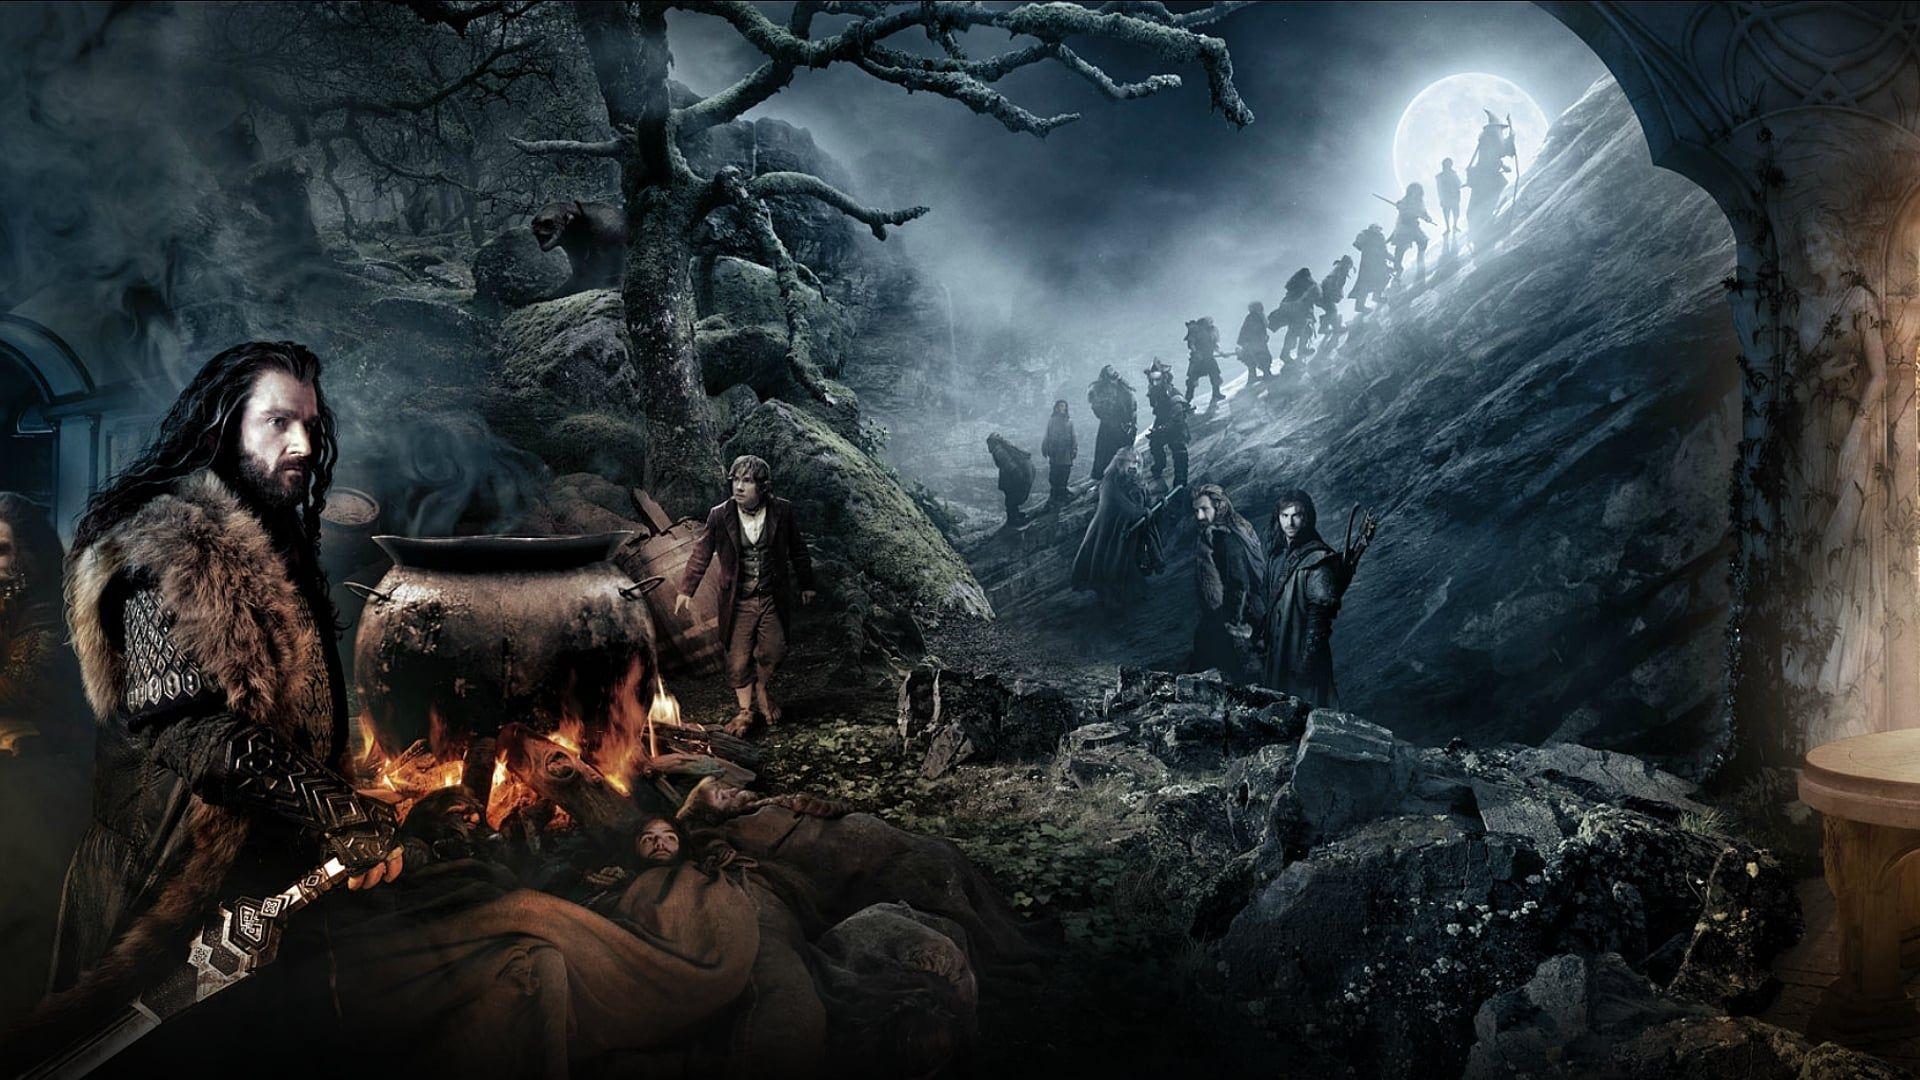 Regarder Le Hobbit Un Voyage Inattendu Film Complet En Ligne Streaming Hd Francais 2012 Voir Le Hobbit Un Voyage Inattendu Bilbo Baggins Film Lo Hobbit